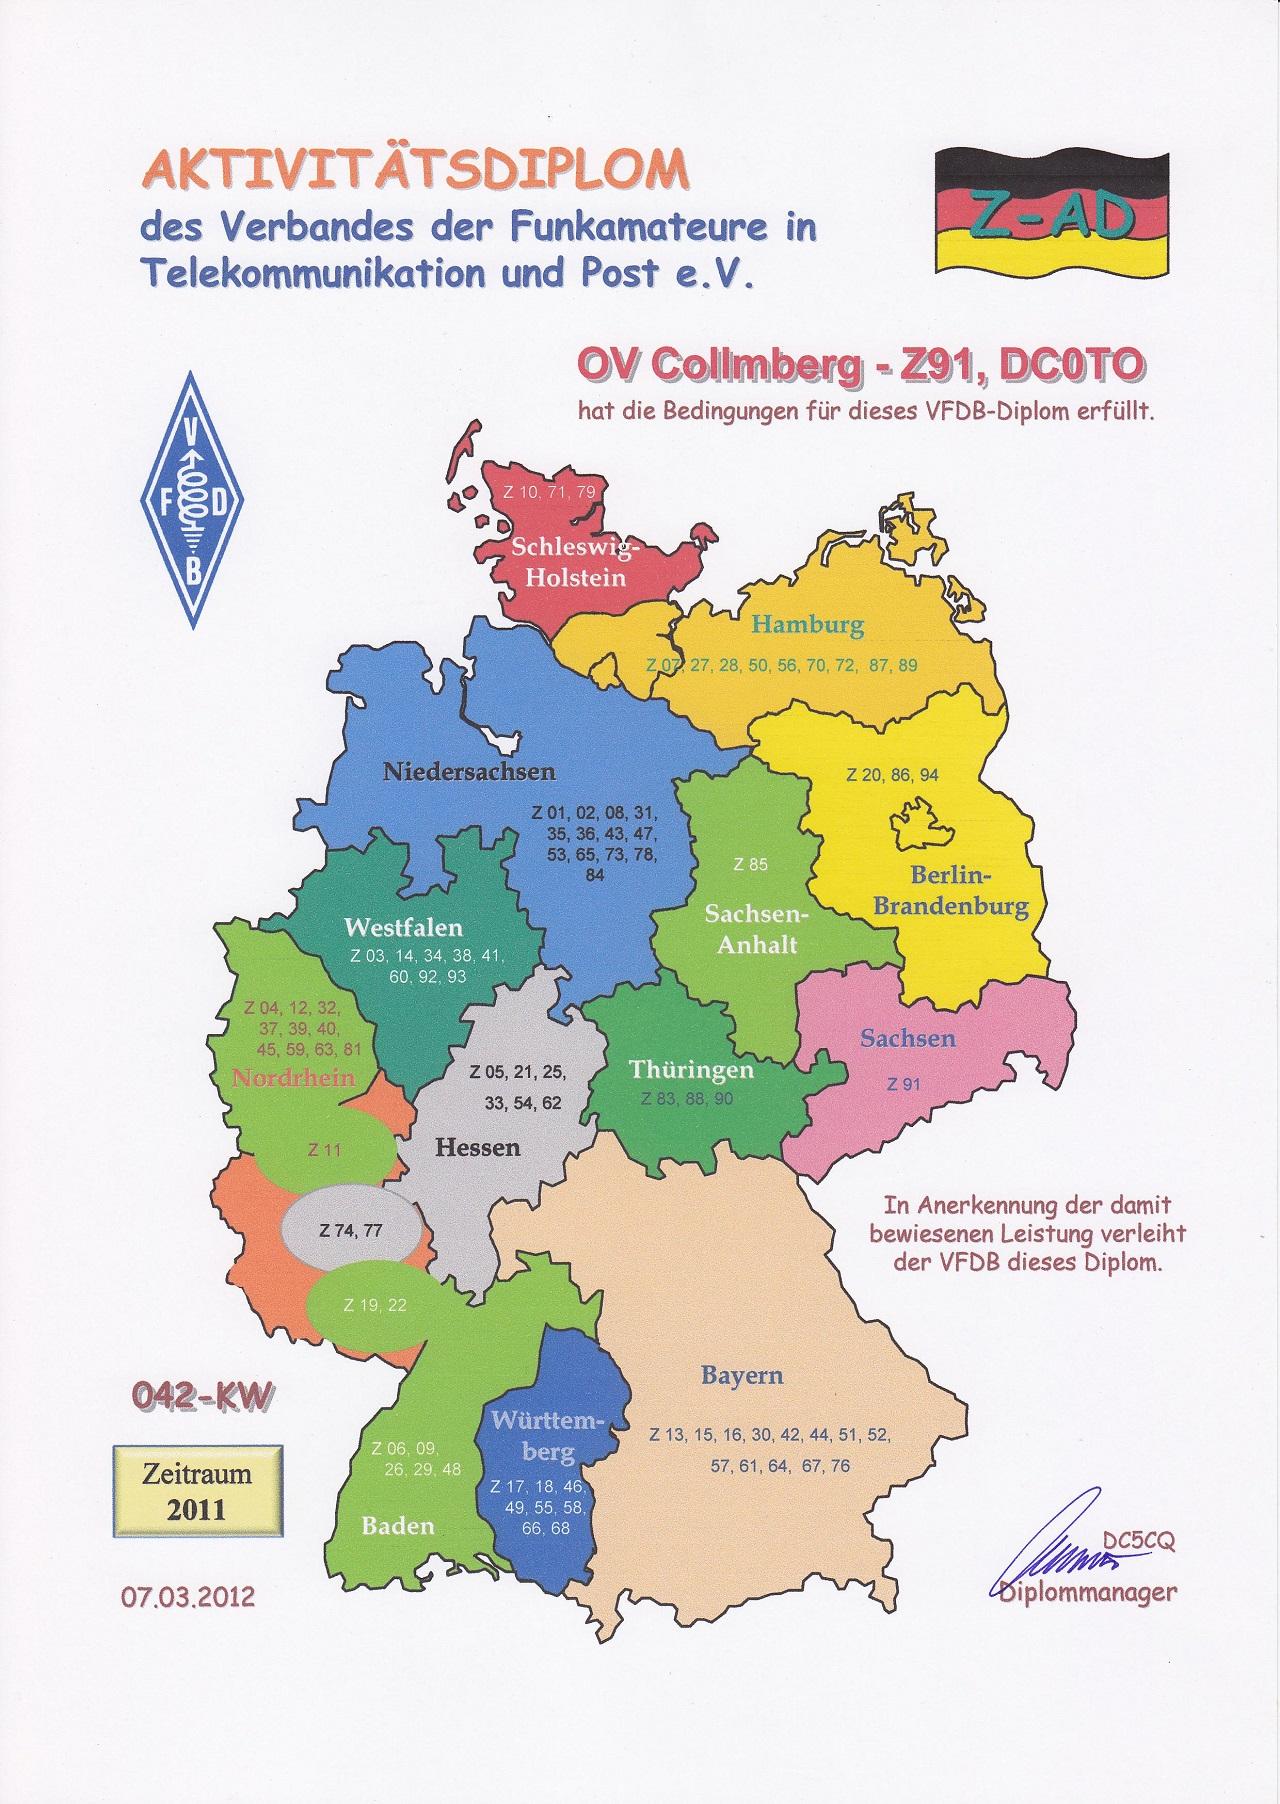 VFDB- Aktivitäts- Diplom